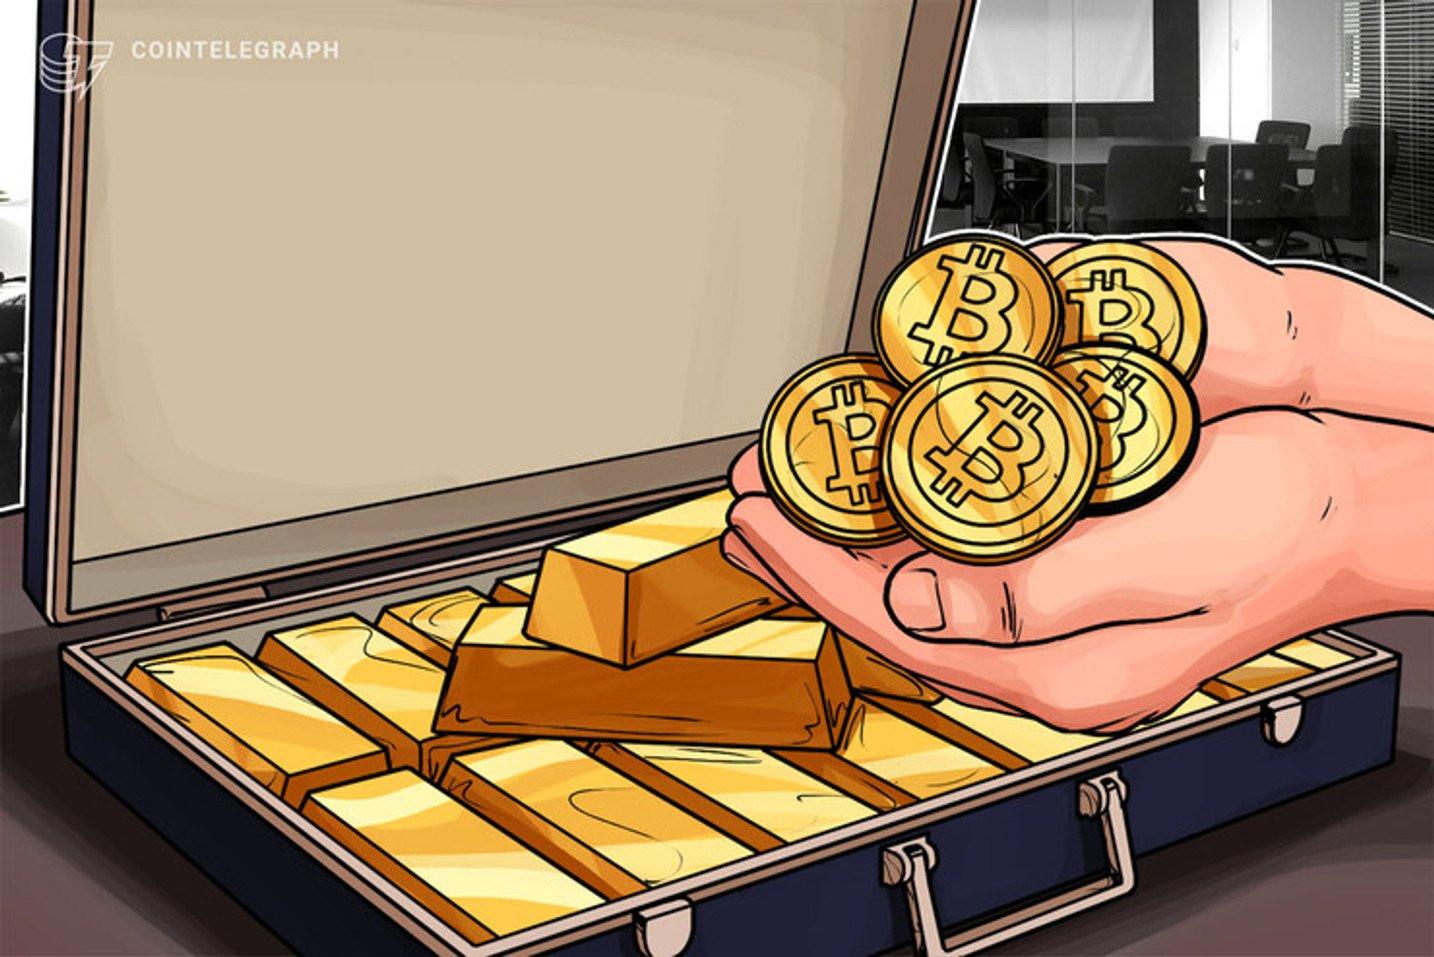 仮想通貨ビットコインはやはりデジタルゴールド、金との相関過去最高に